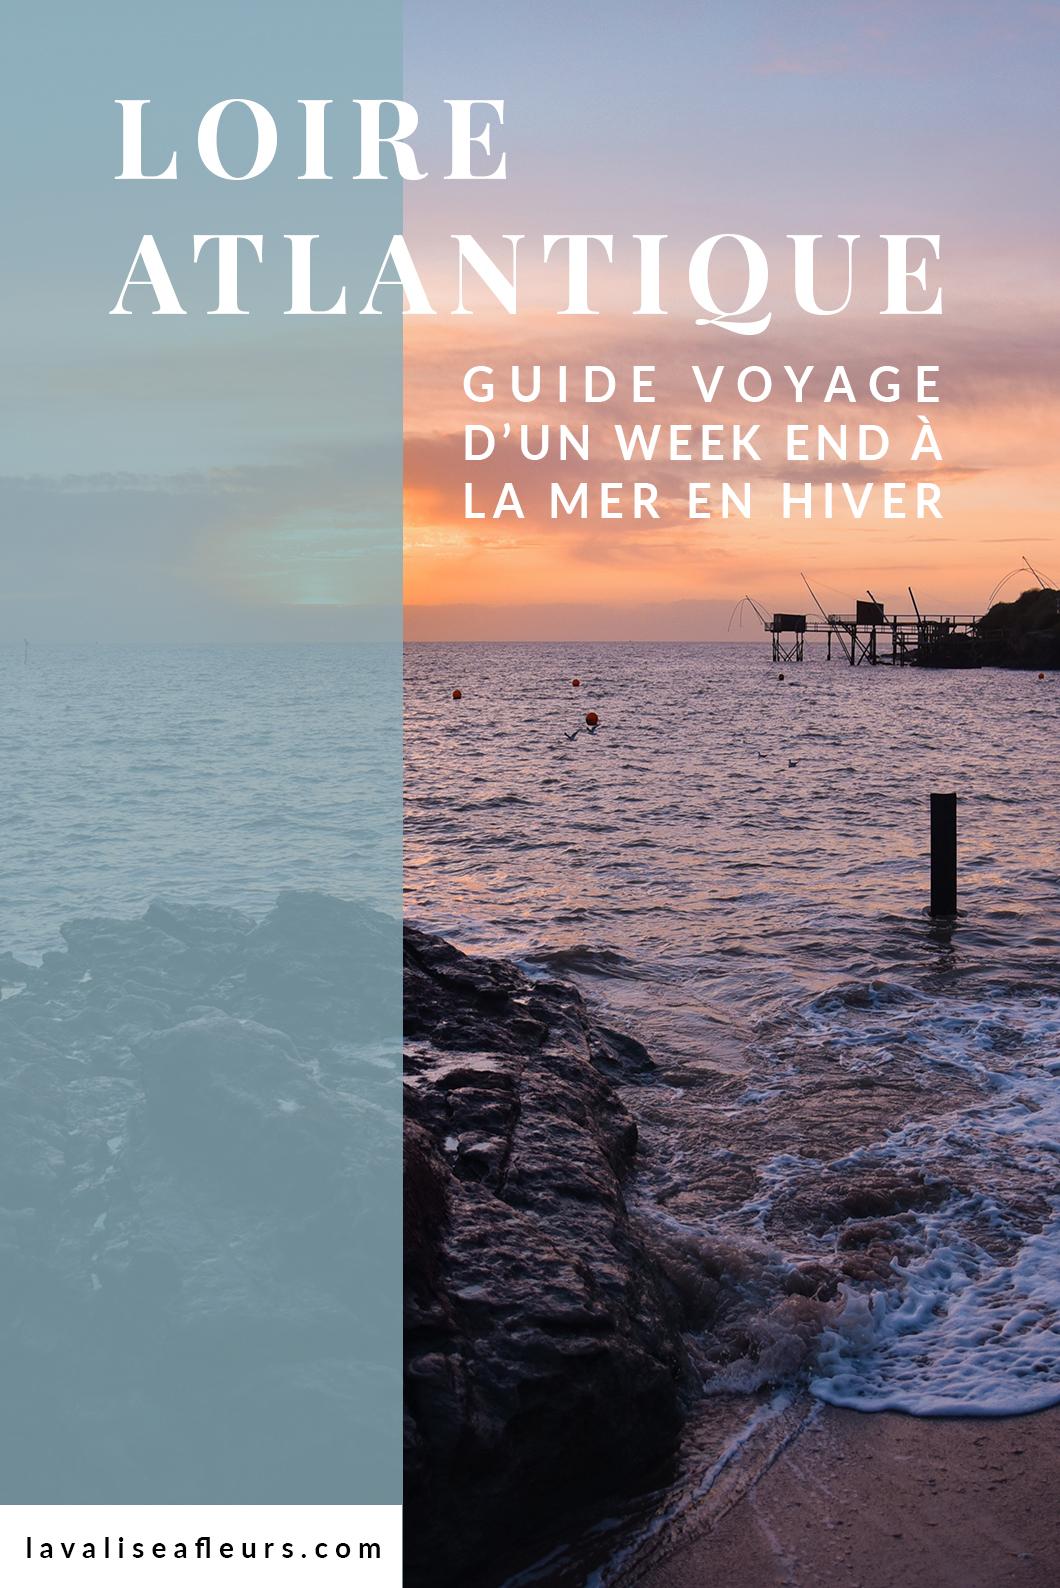 Guide voyage d'un week end à la mer en hiver